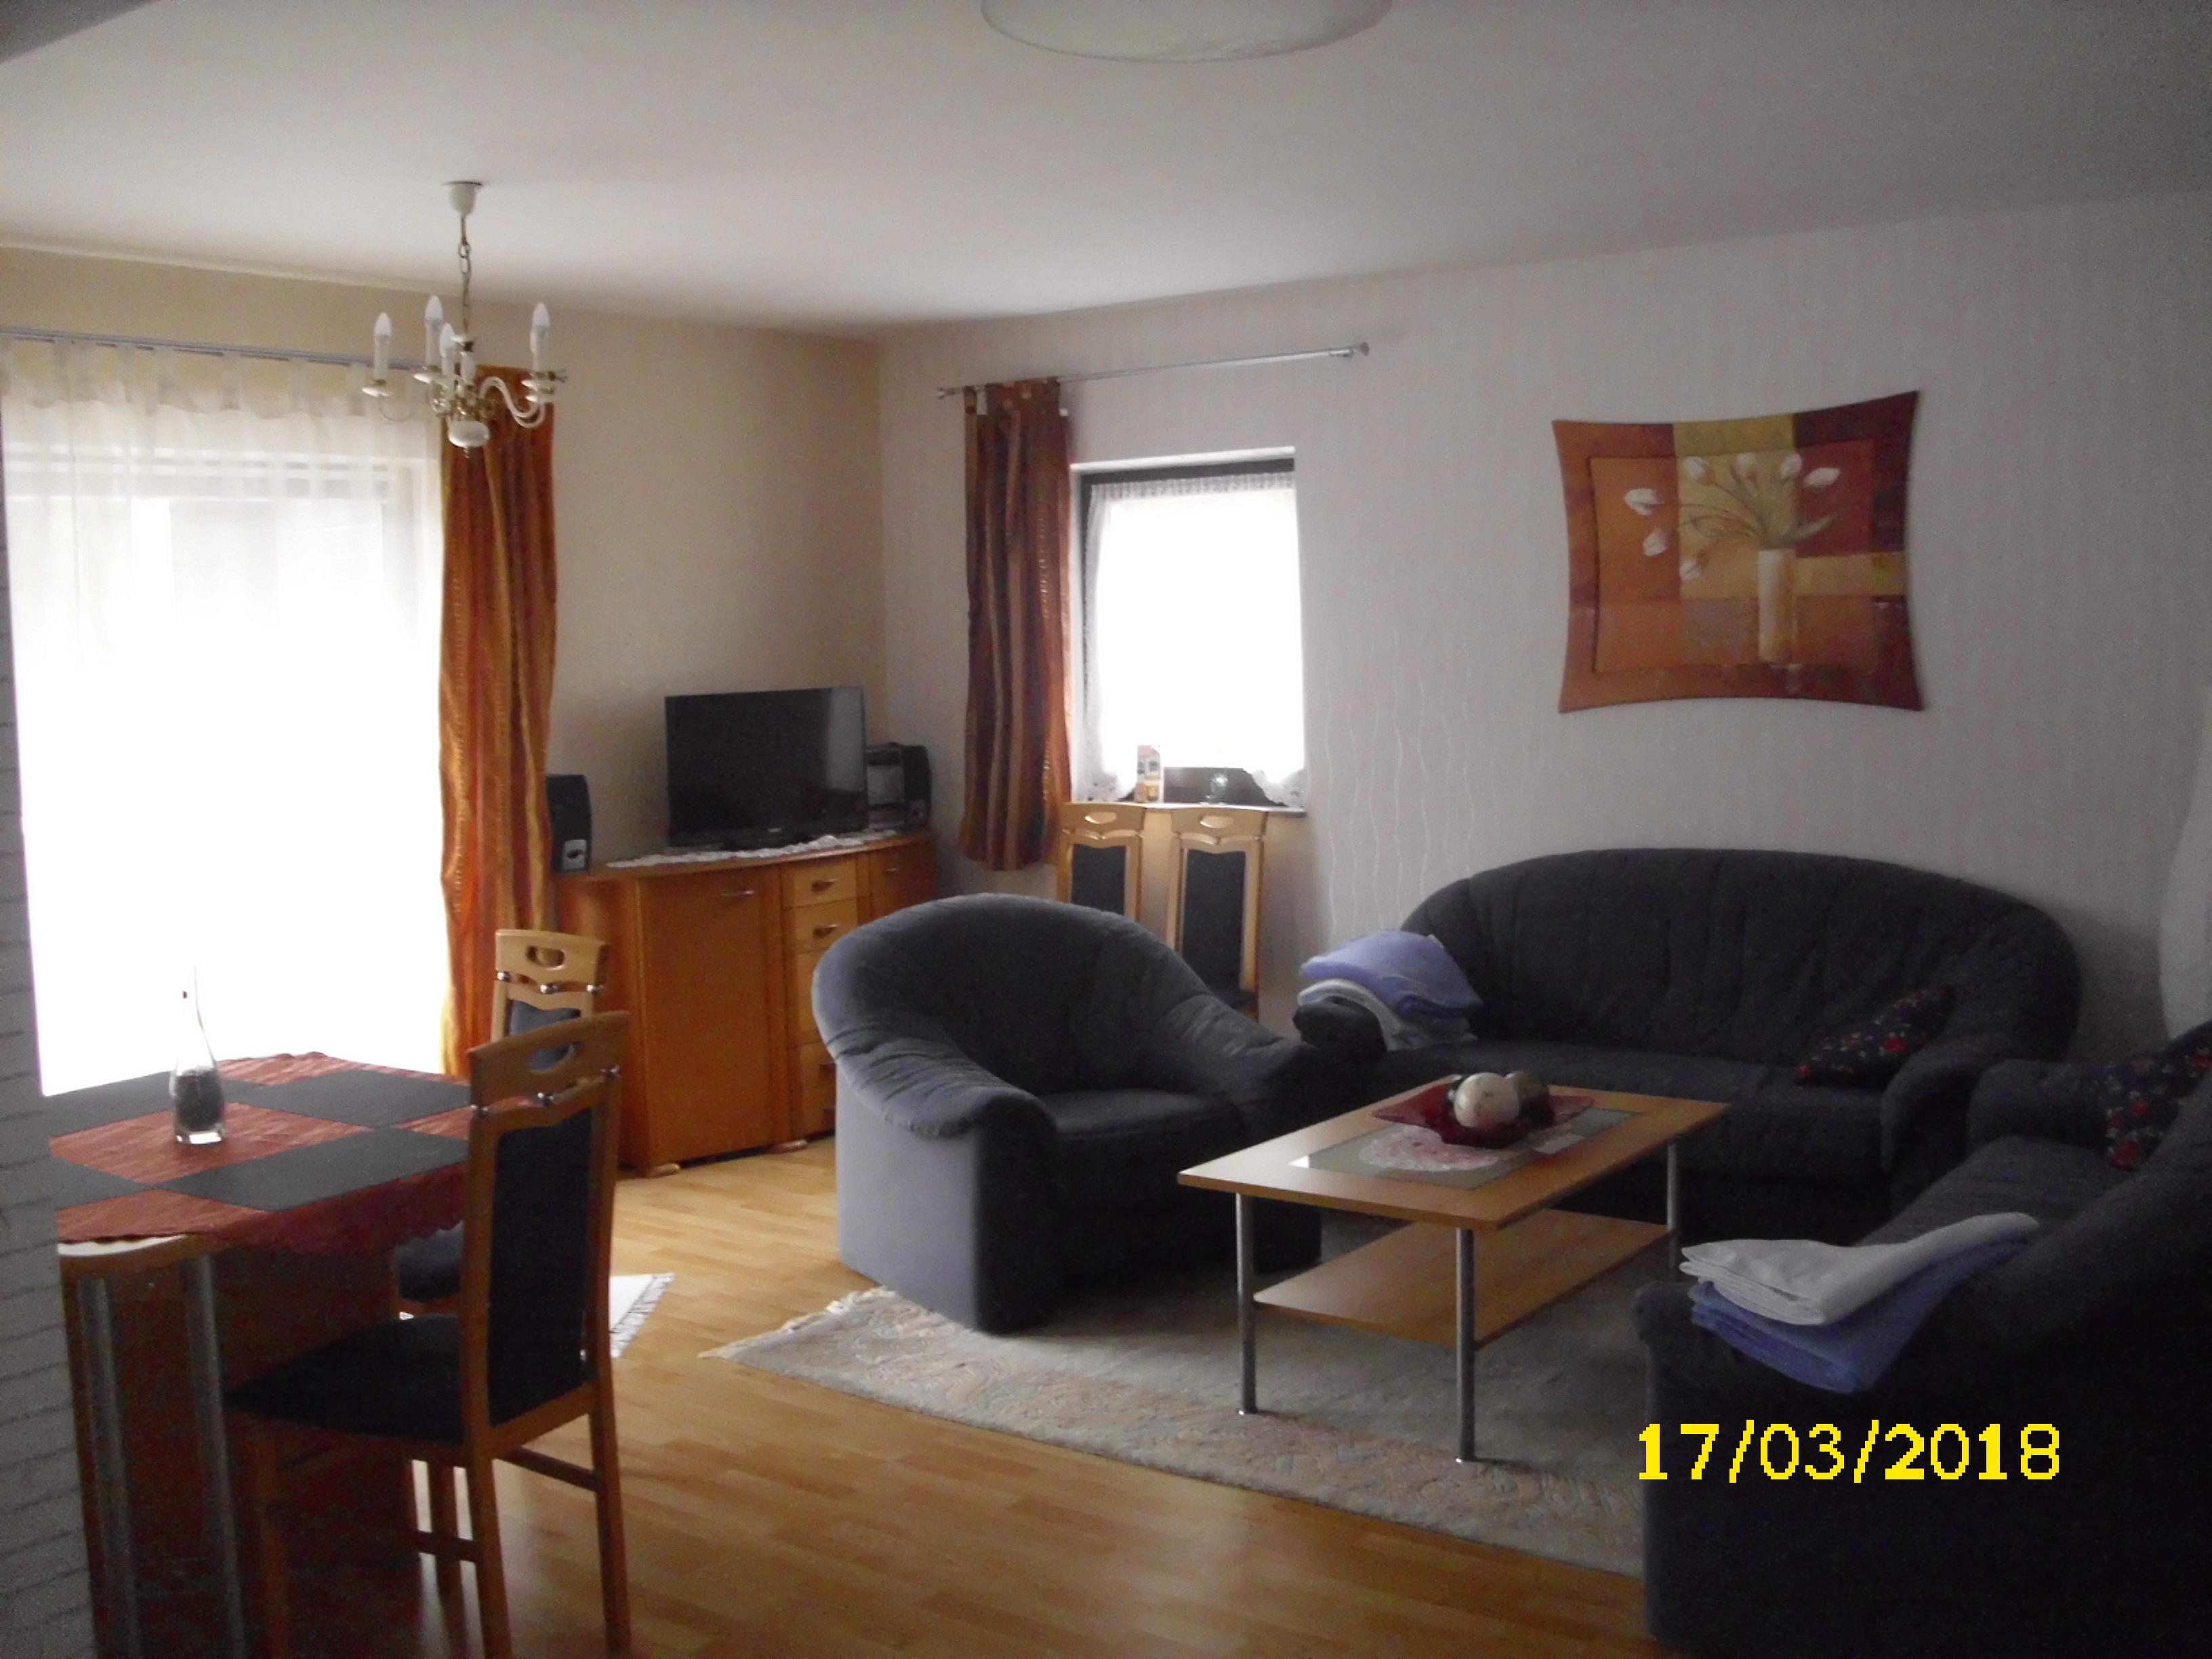 Ferienwohnung Helwig 80qm, Wohnzimmer